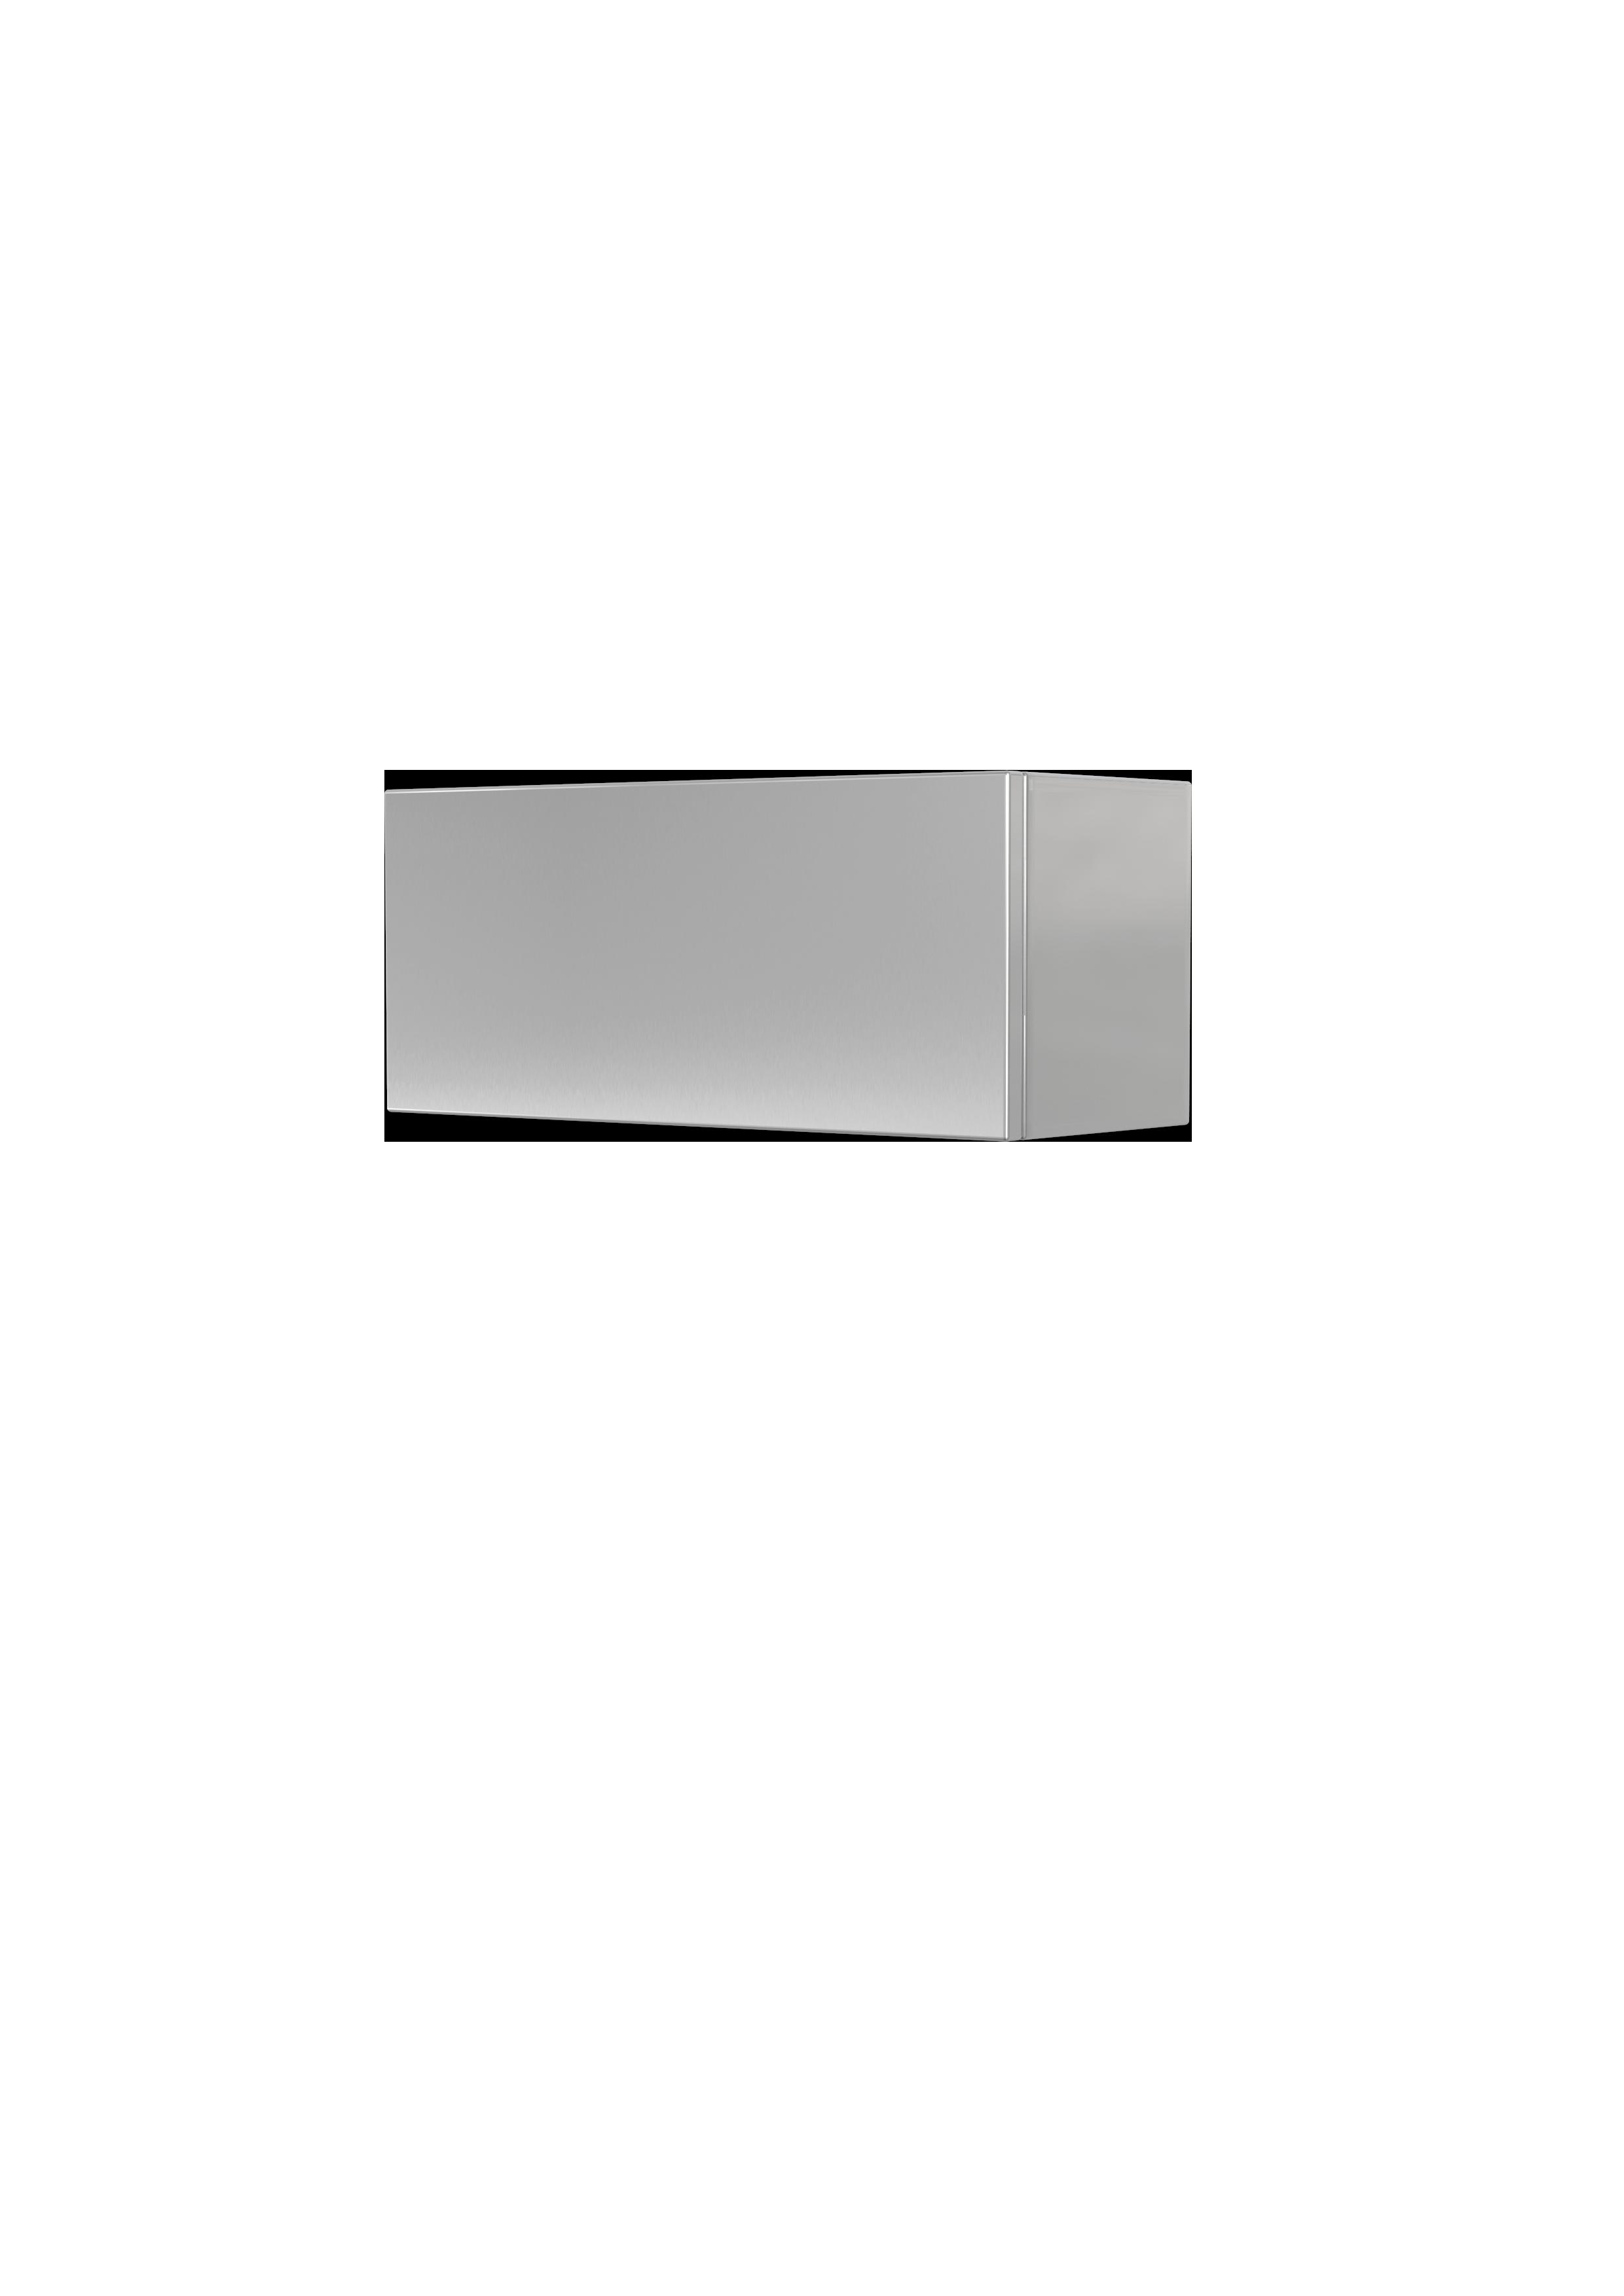 Produktbild Blindkasten für Ergänzungsgehäuse